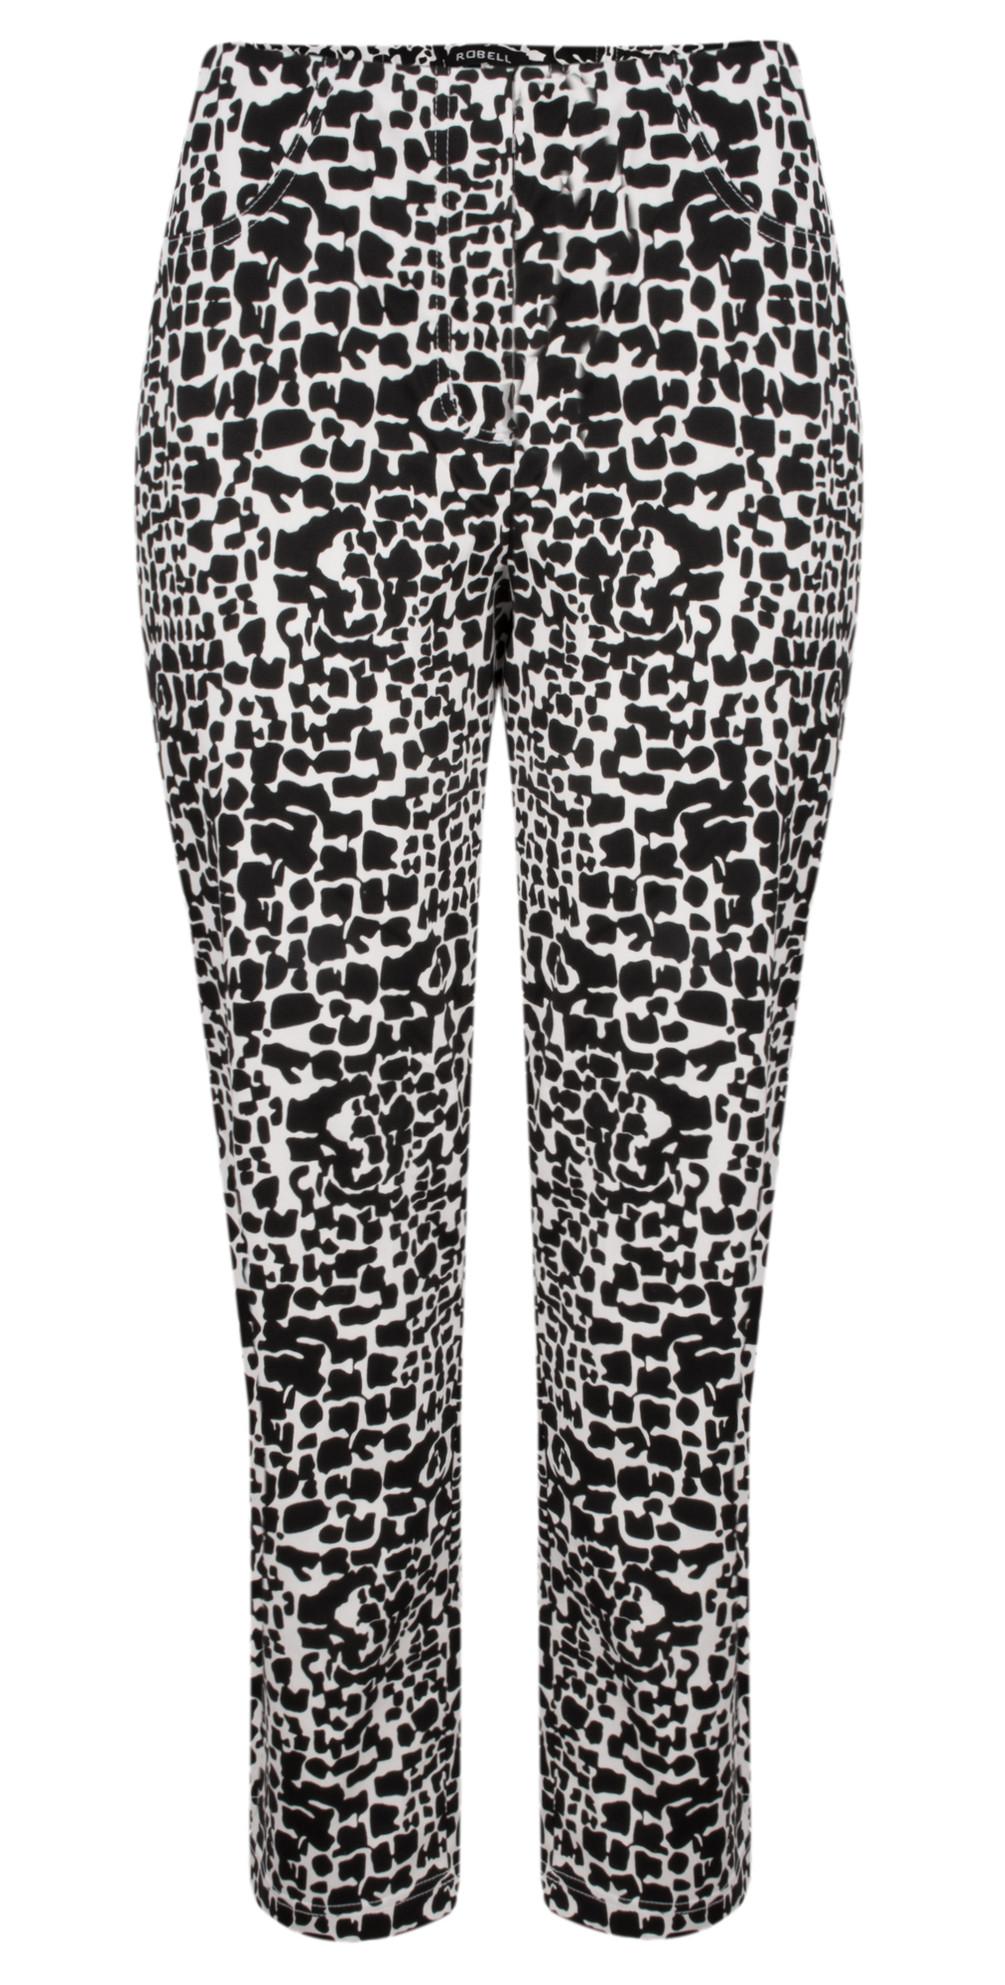 Bella 7/8 Animal Print Trousers main image